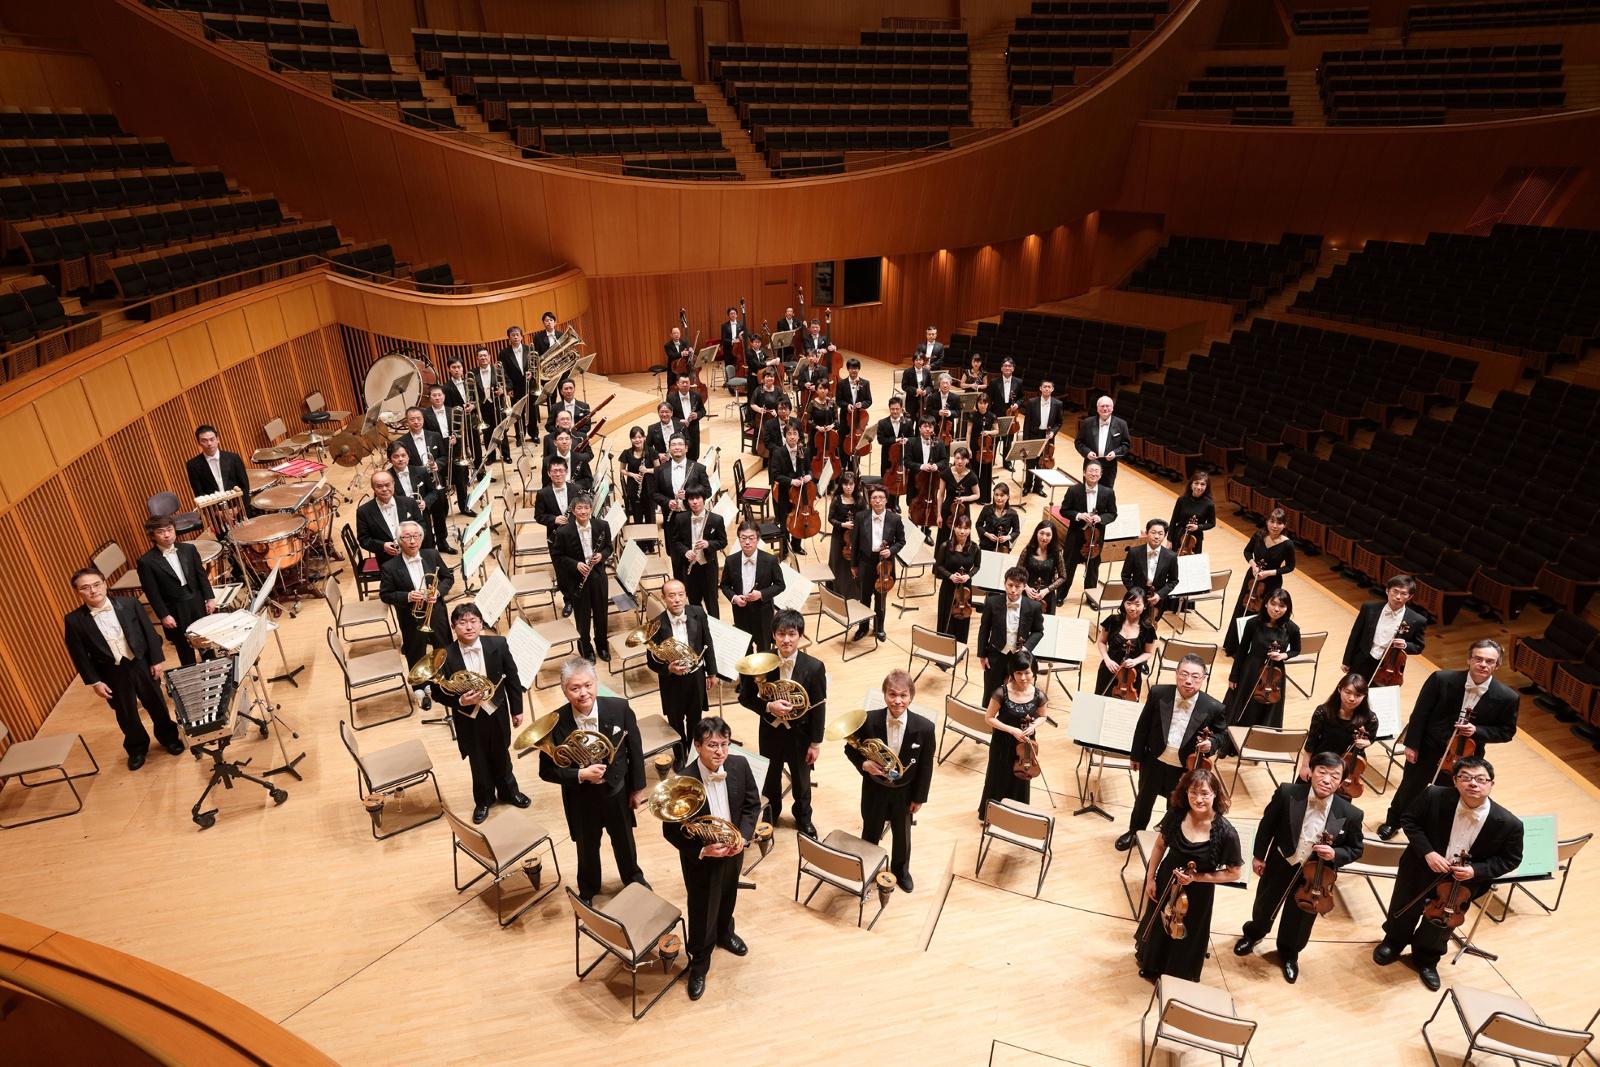 ベートーヴェン第7番と3つの協奏曲が楽しめる!PMF×札響の贅沢な夜